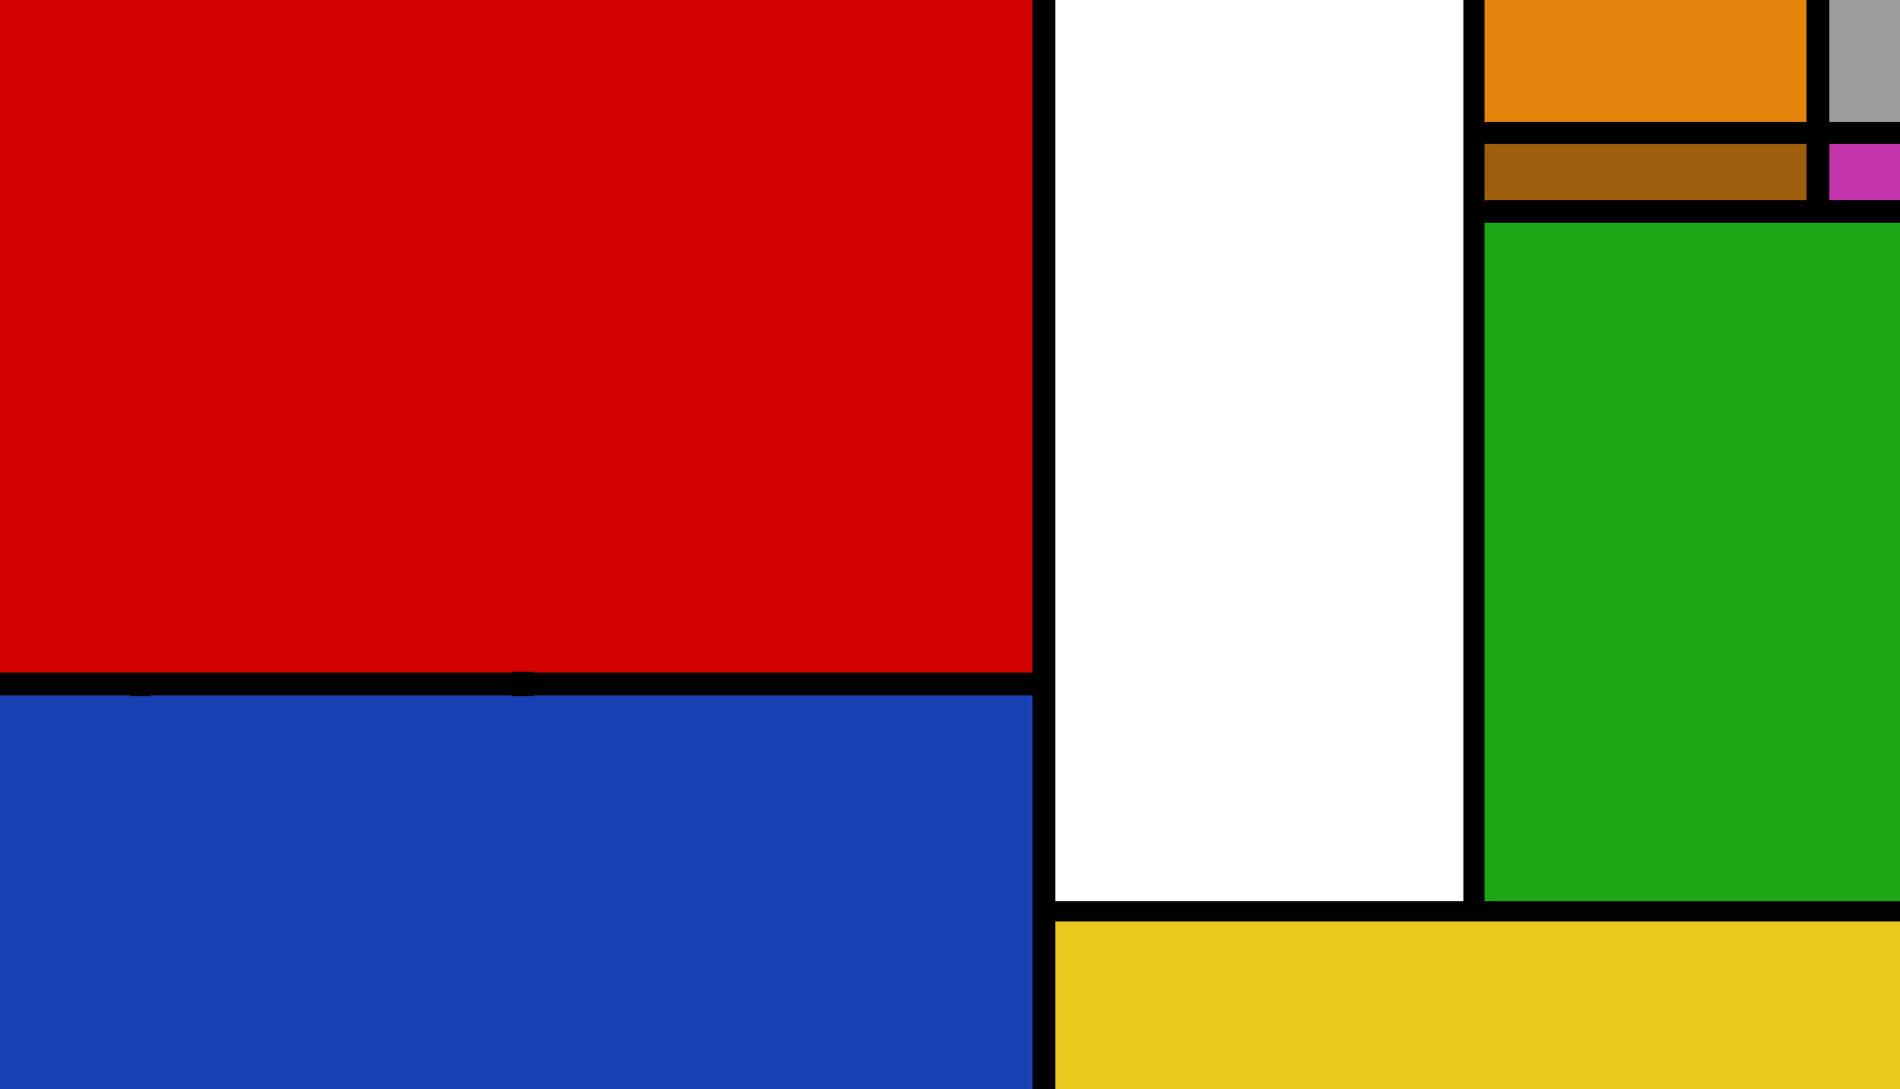 WORLD FLAG - brandpowder